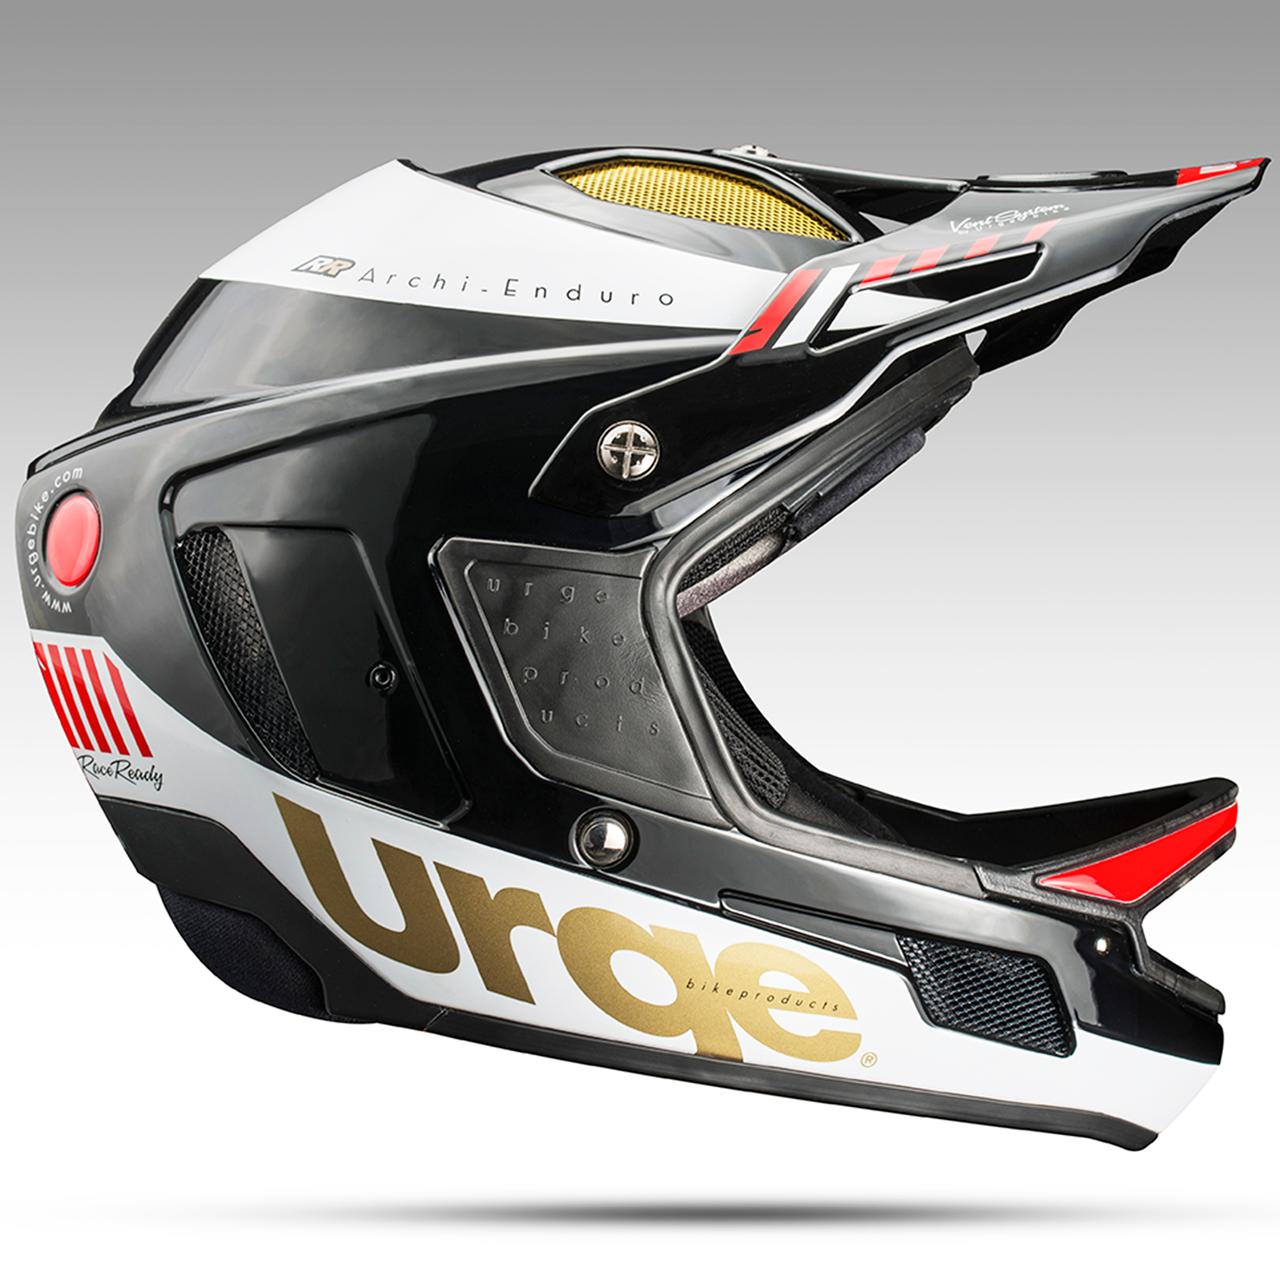 Шлем Urge Archi-Enduro черно-белый ХL (61-62см)